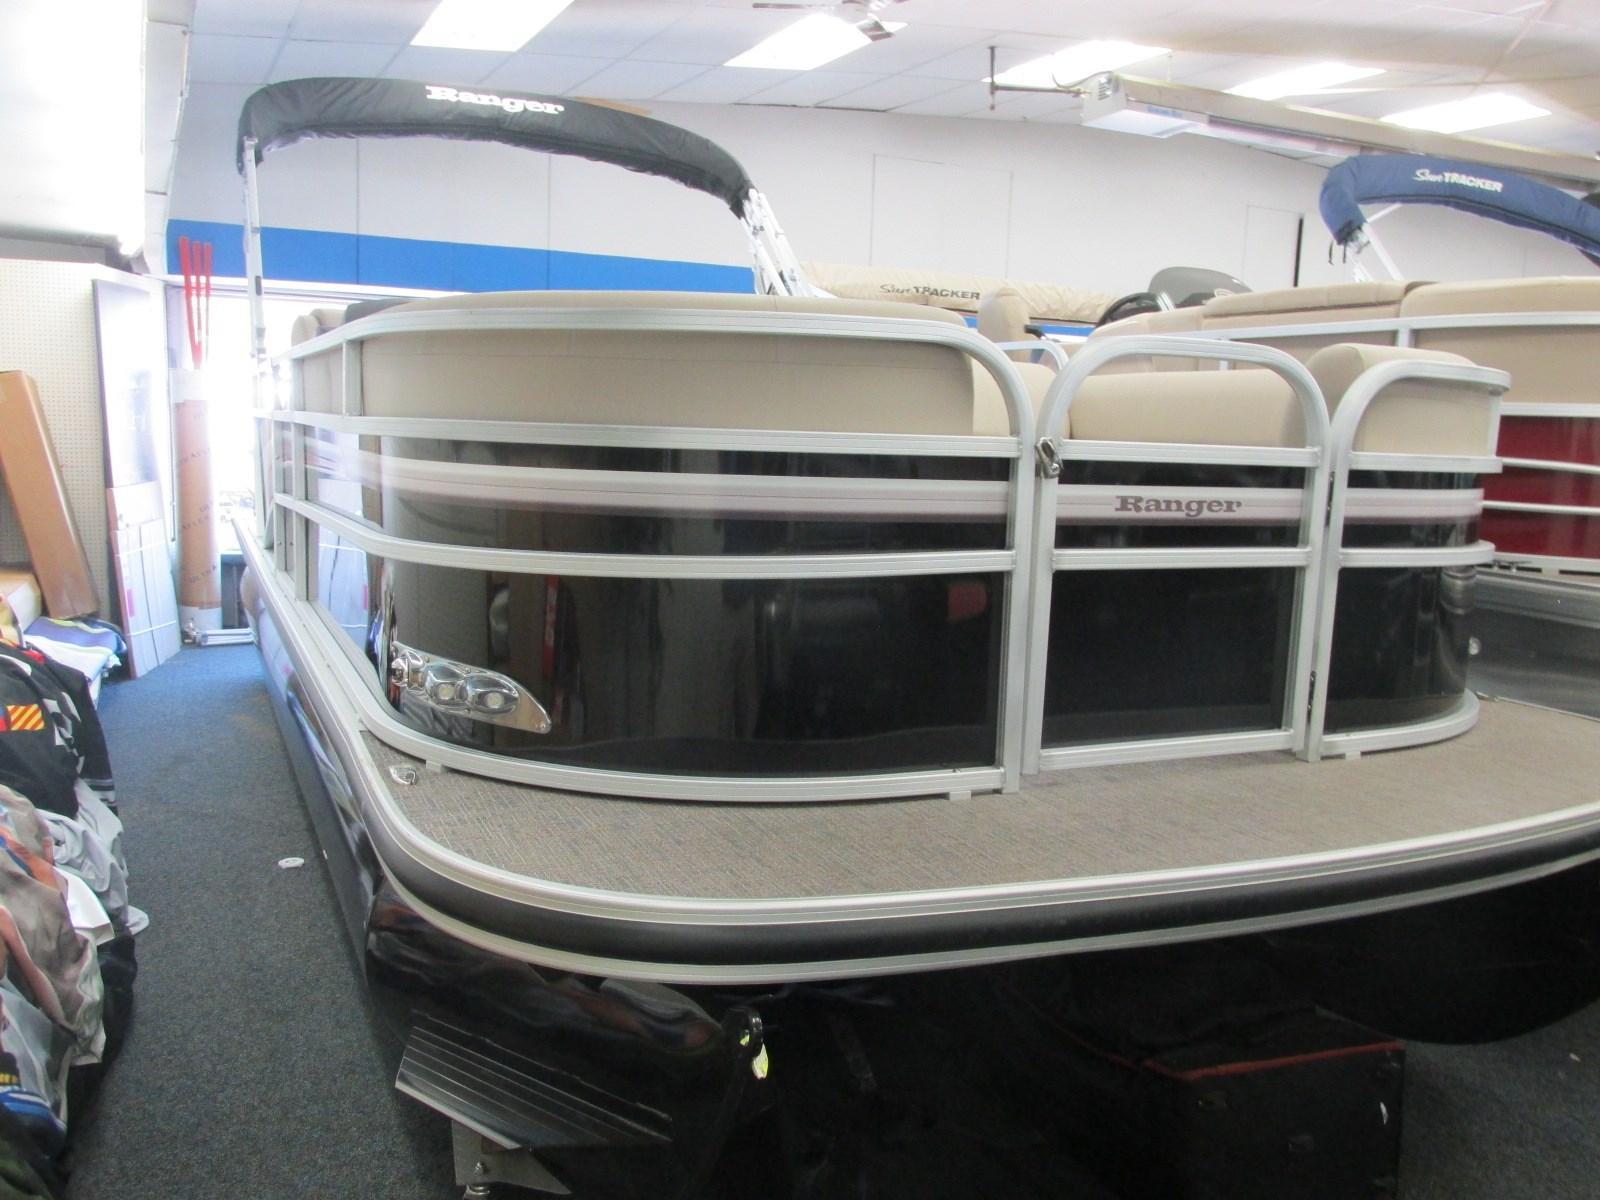 Ranger220C